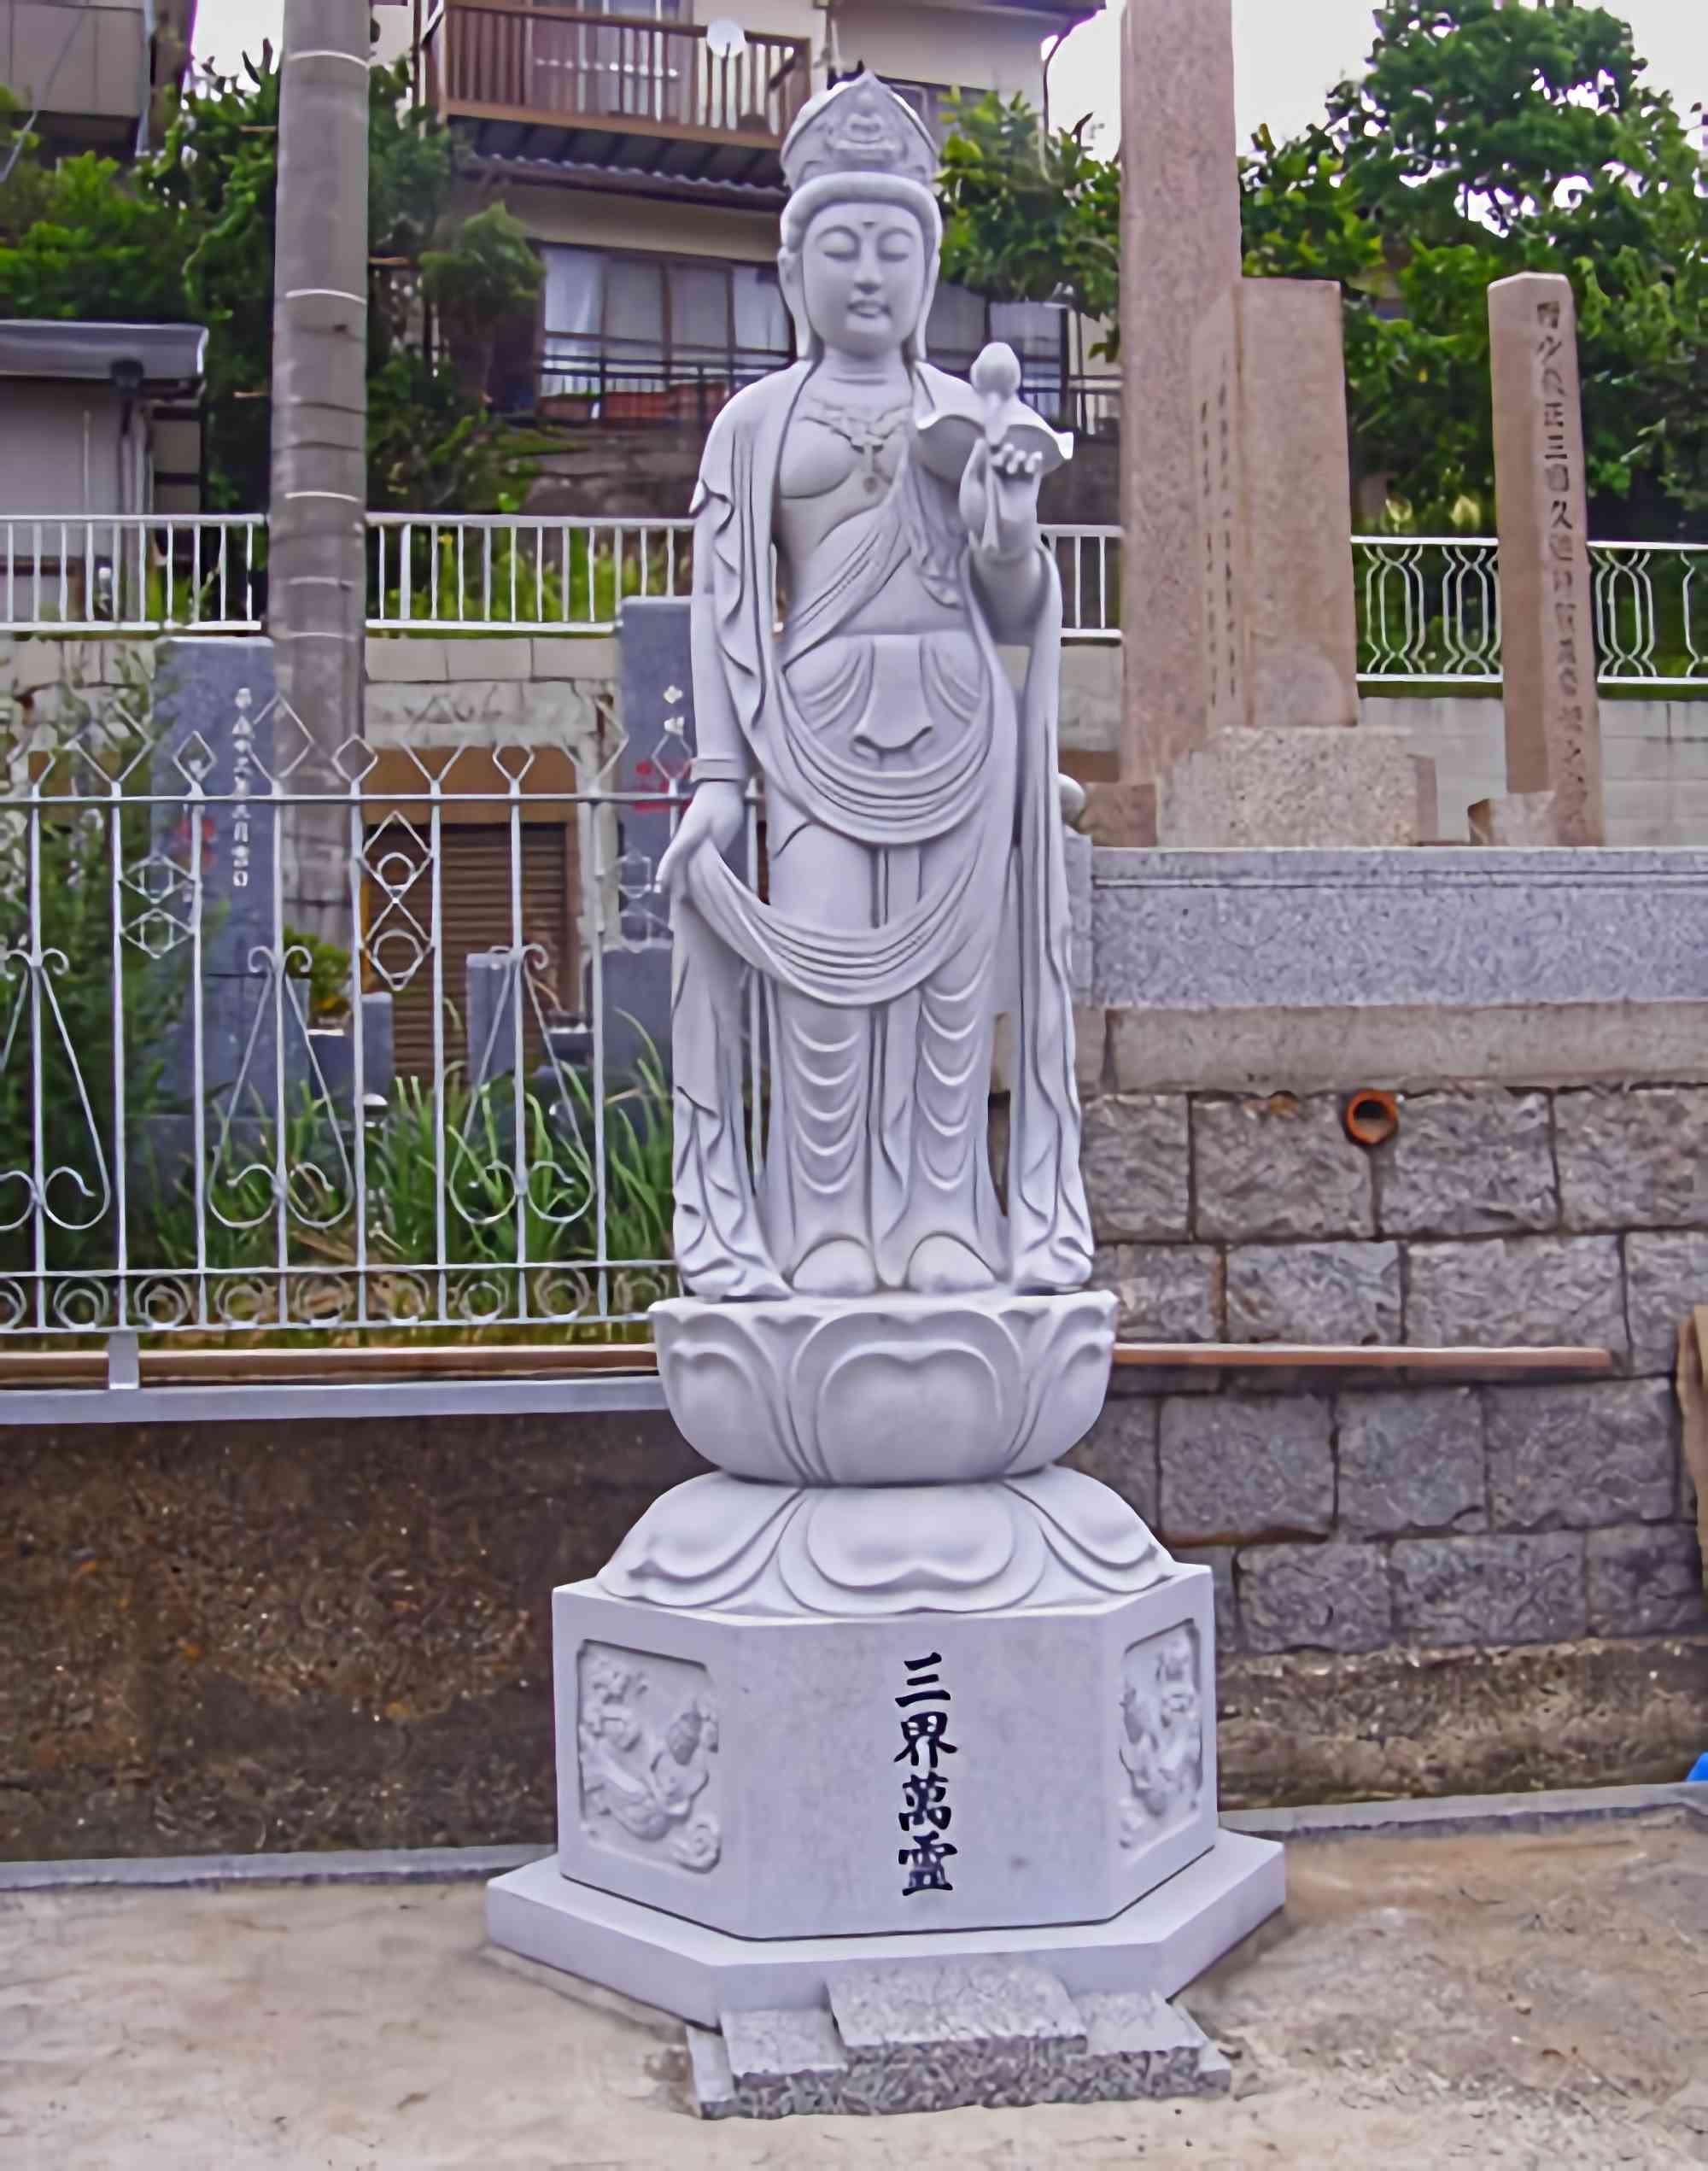 舞子坂墓地、無縁塚の観音様